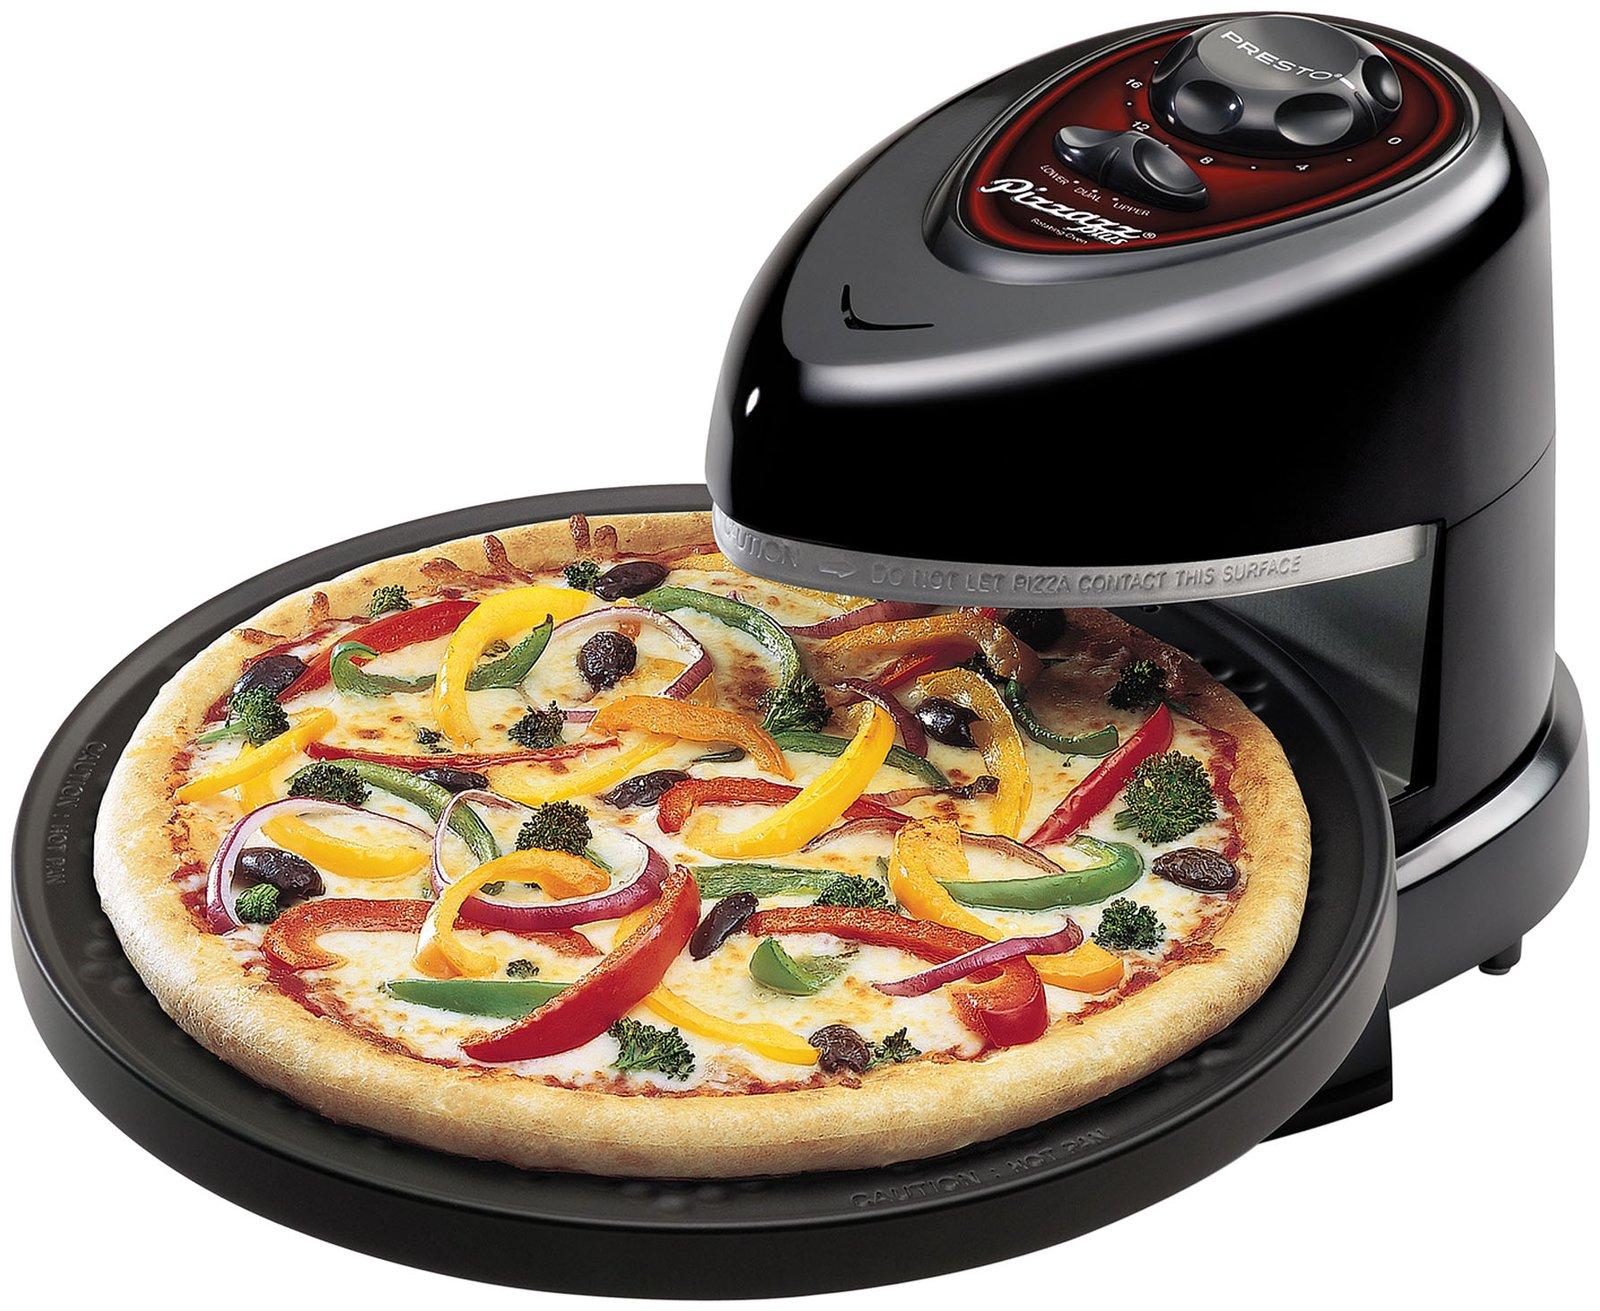 Presto Pizzazz Pizza Oven recommend